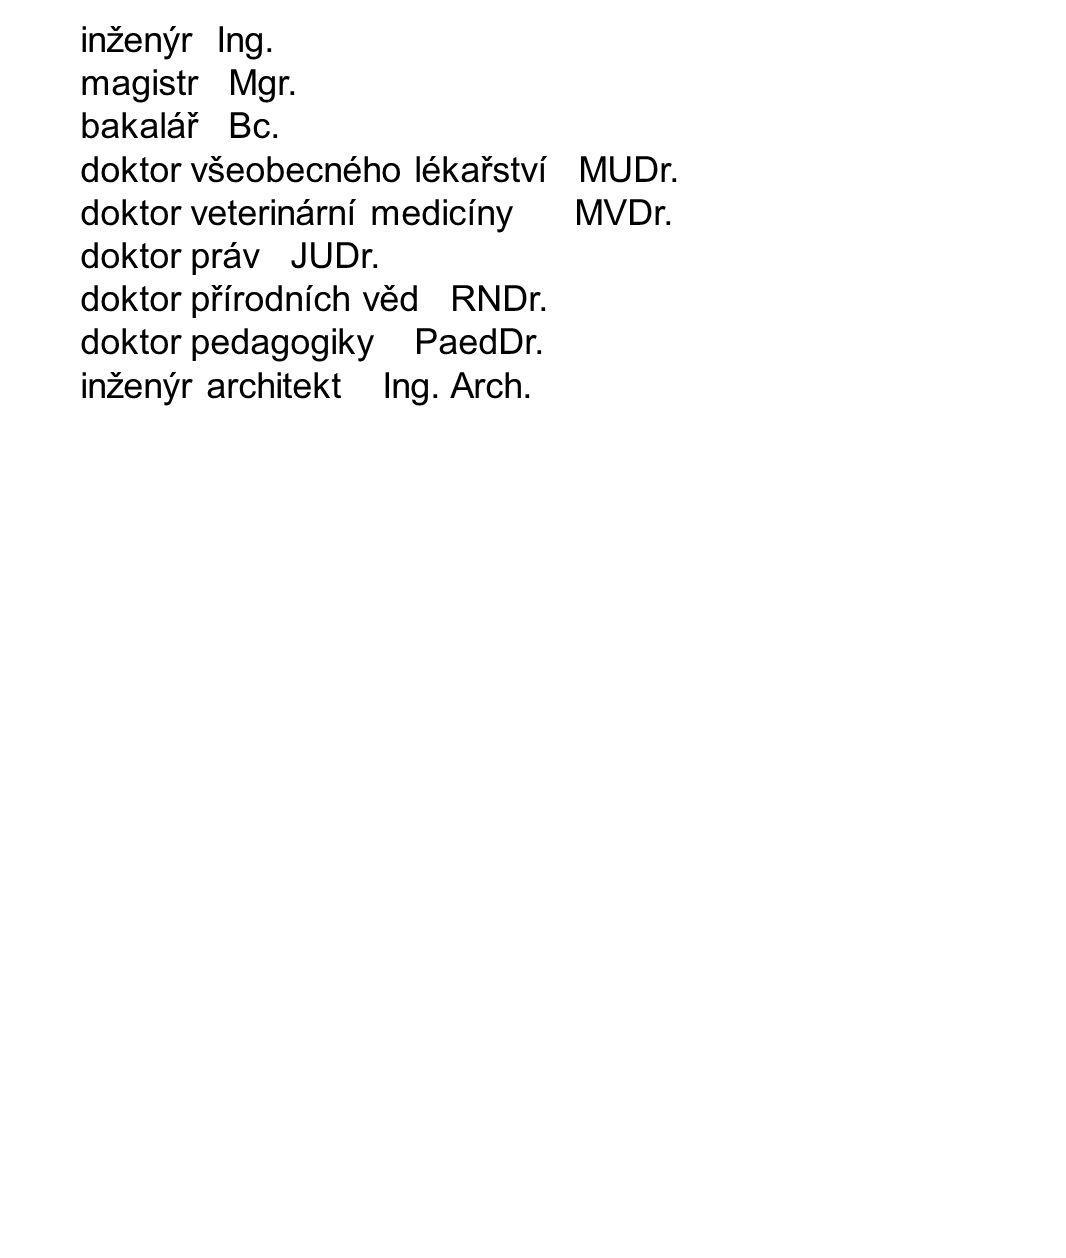 inženýr Ing. magistr Mgr. bakalář Bc. doktor všeobecného lékařství MUDr.